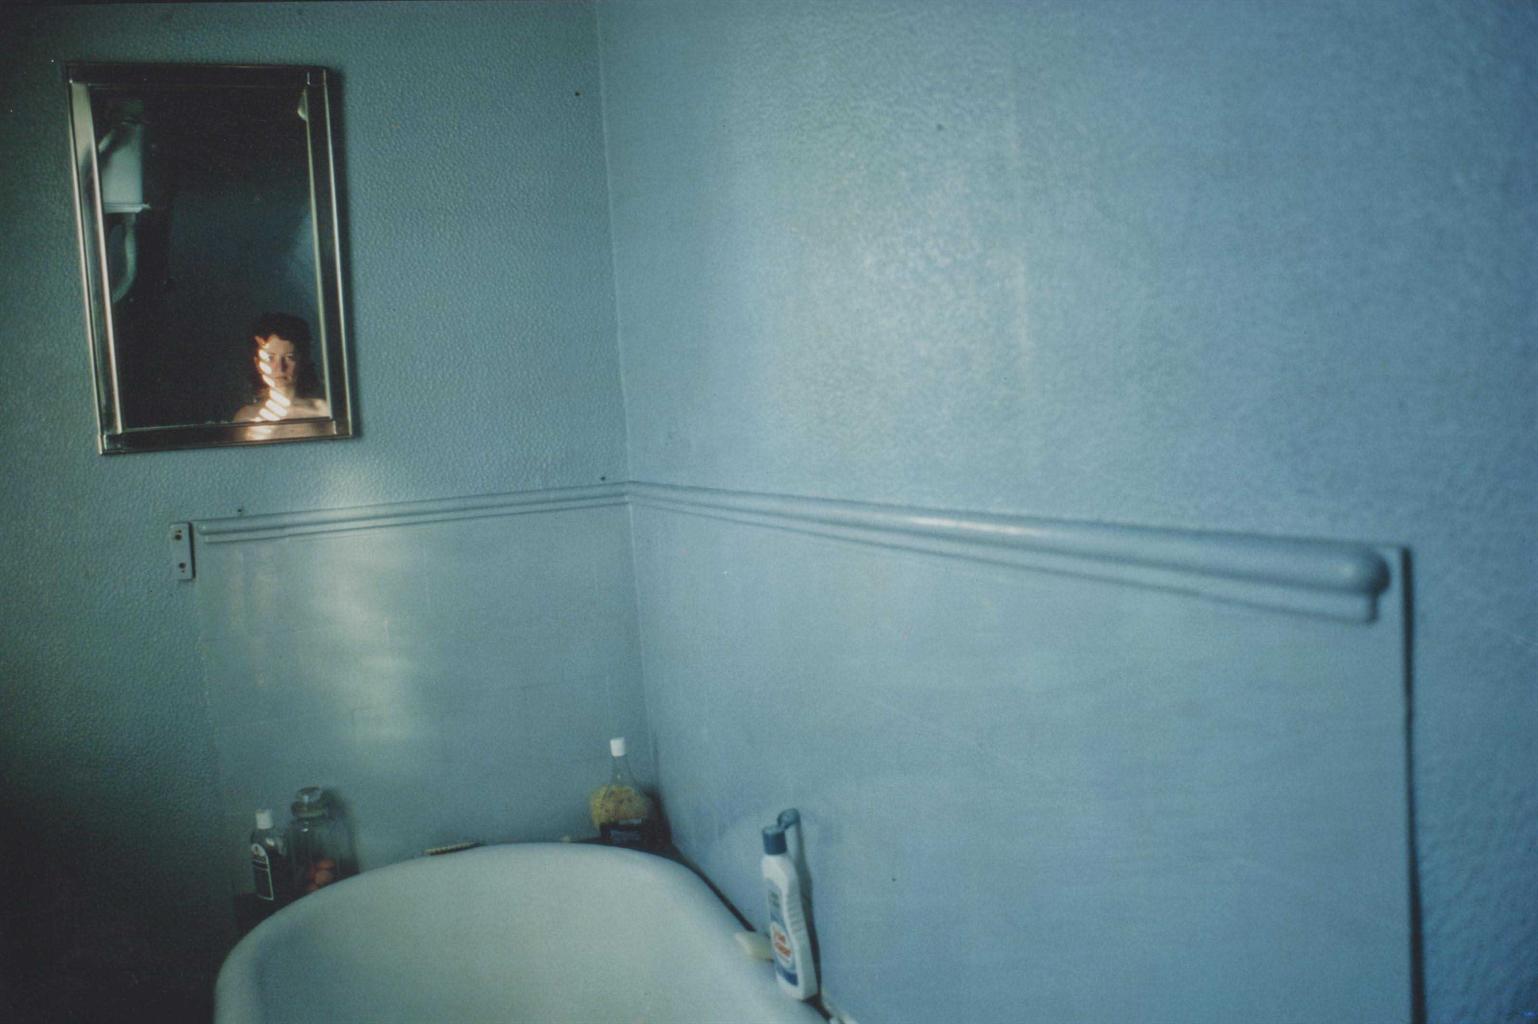 Nan Goldin-Self-portrait in blue bathroom, London-1980